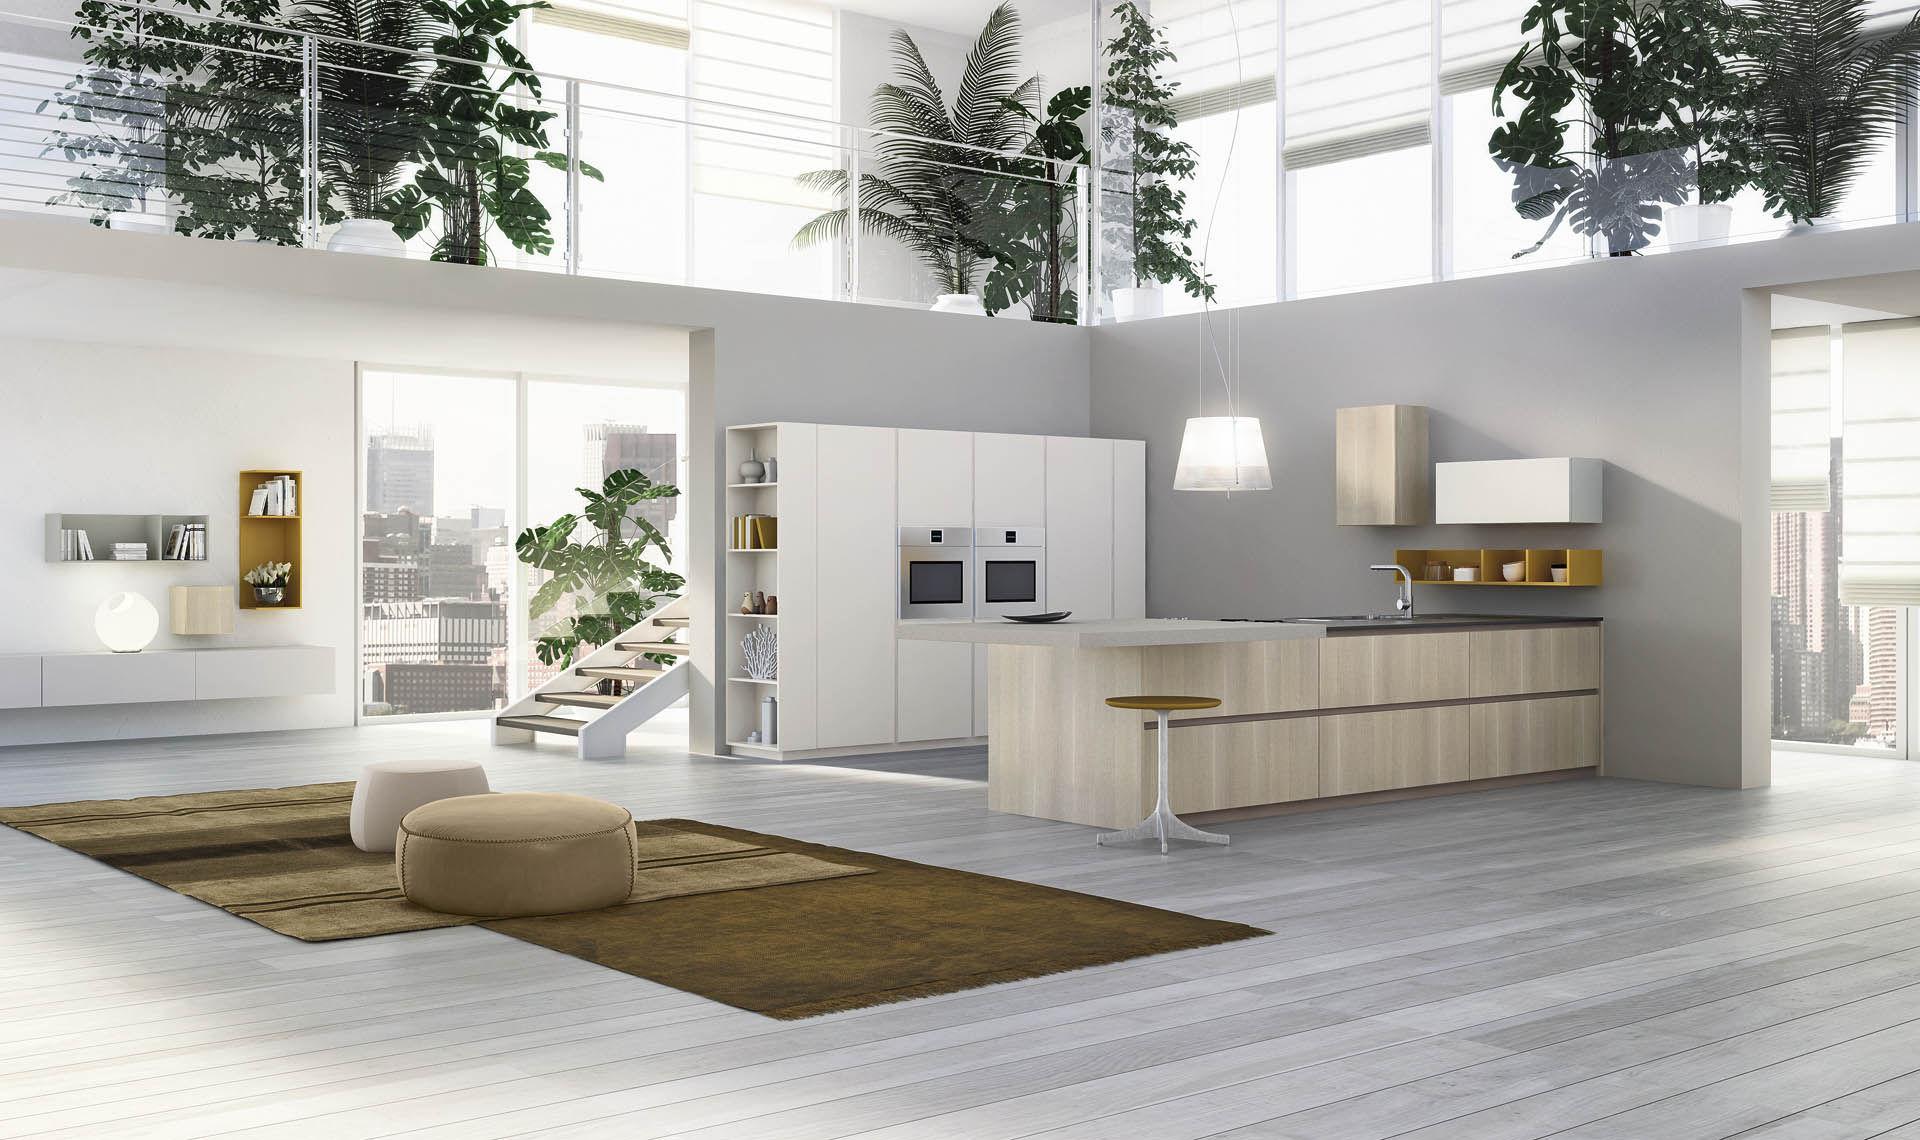 cucina moderna / in laminato / in legno / con isola - grafica ... - Cucine Valdesign